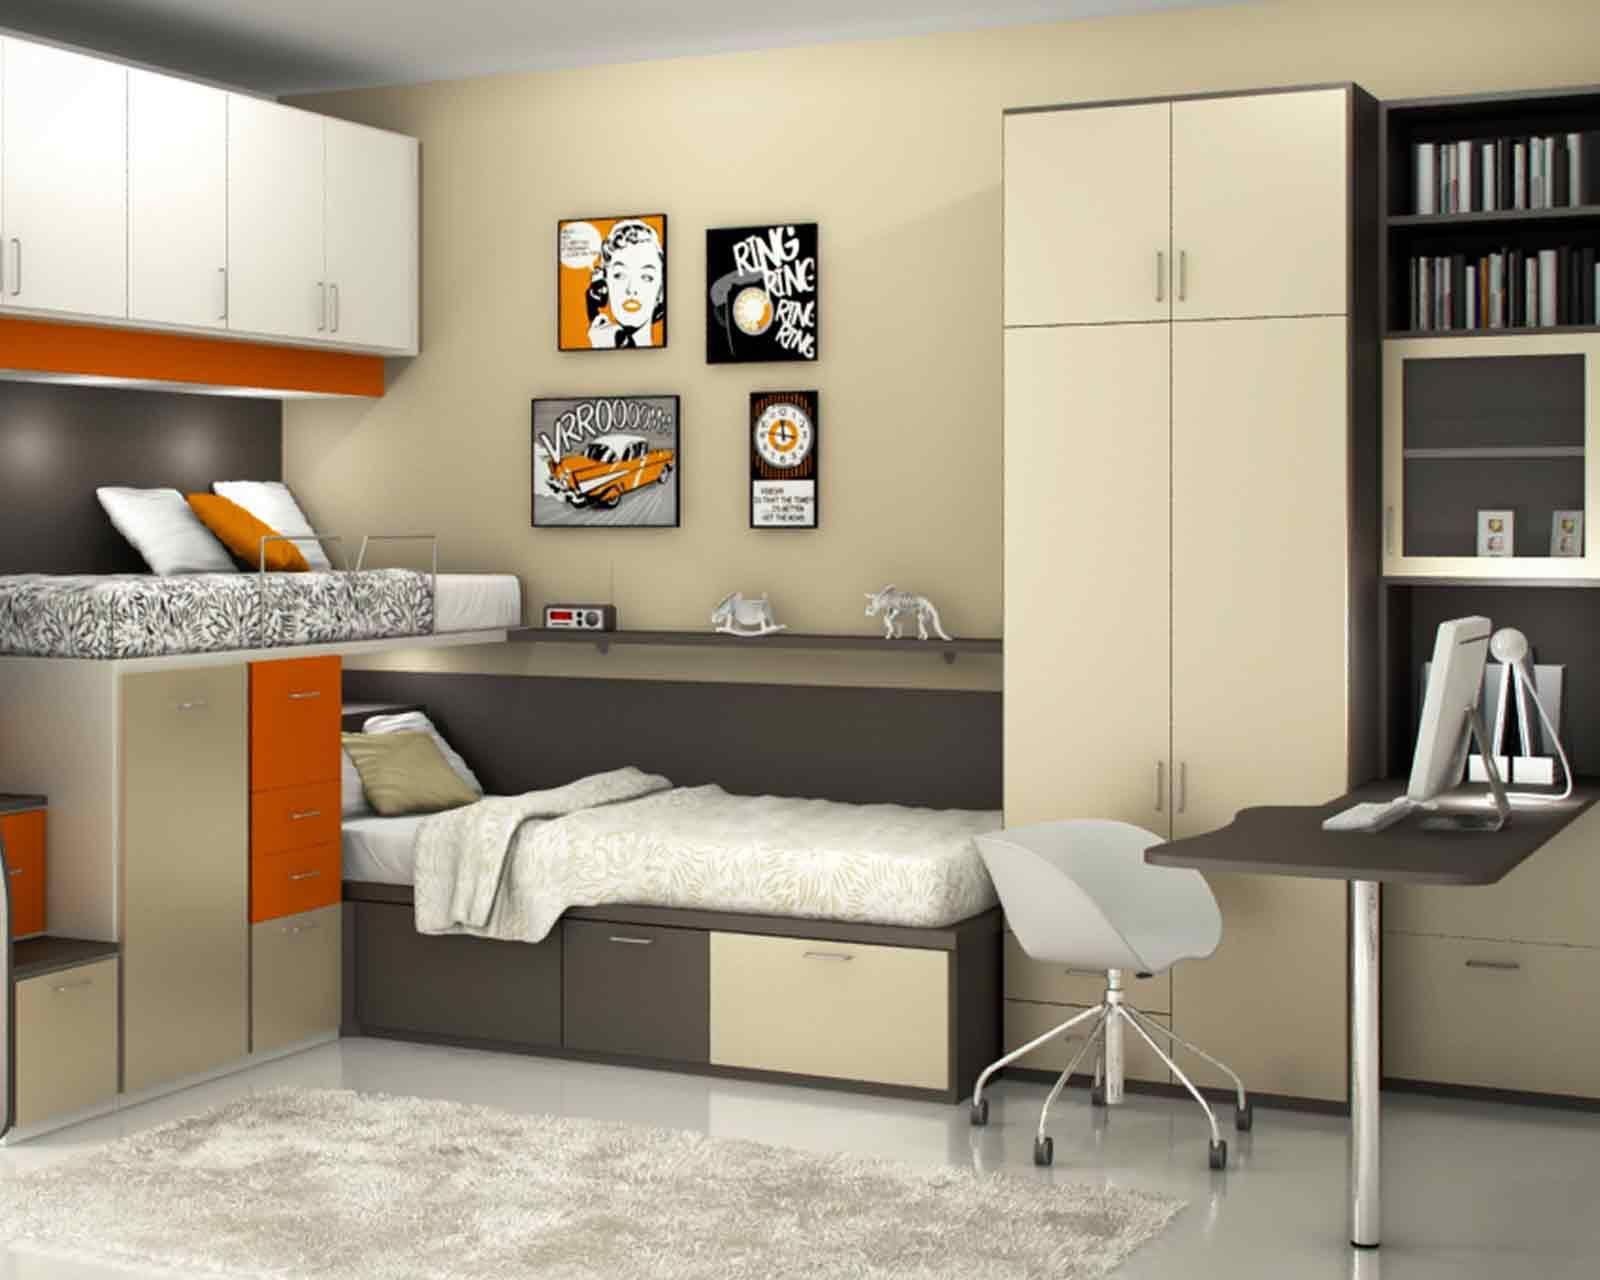 Habitaciones y dormitorios infantiles y juveniles | Bedrooms ...